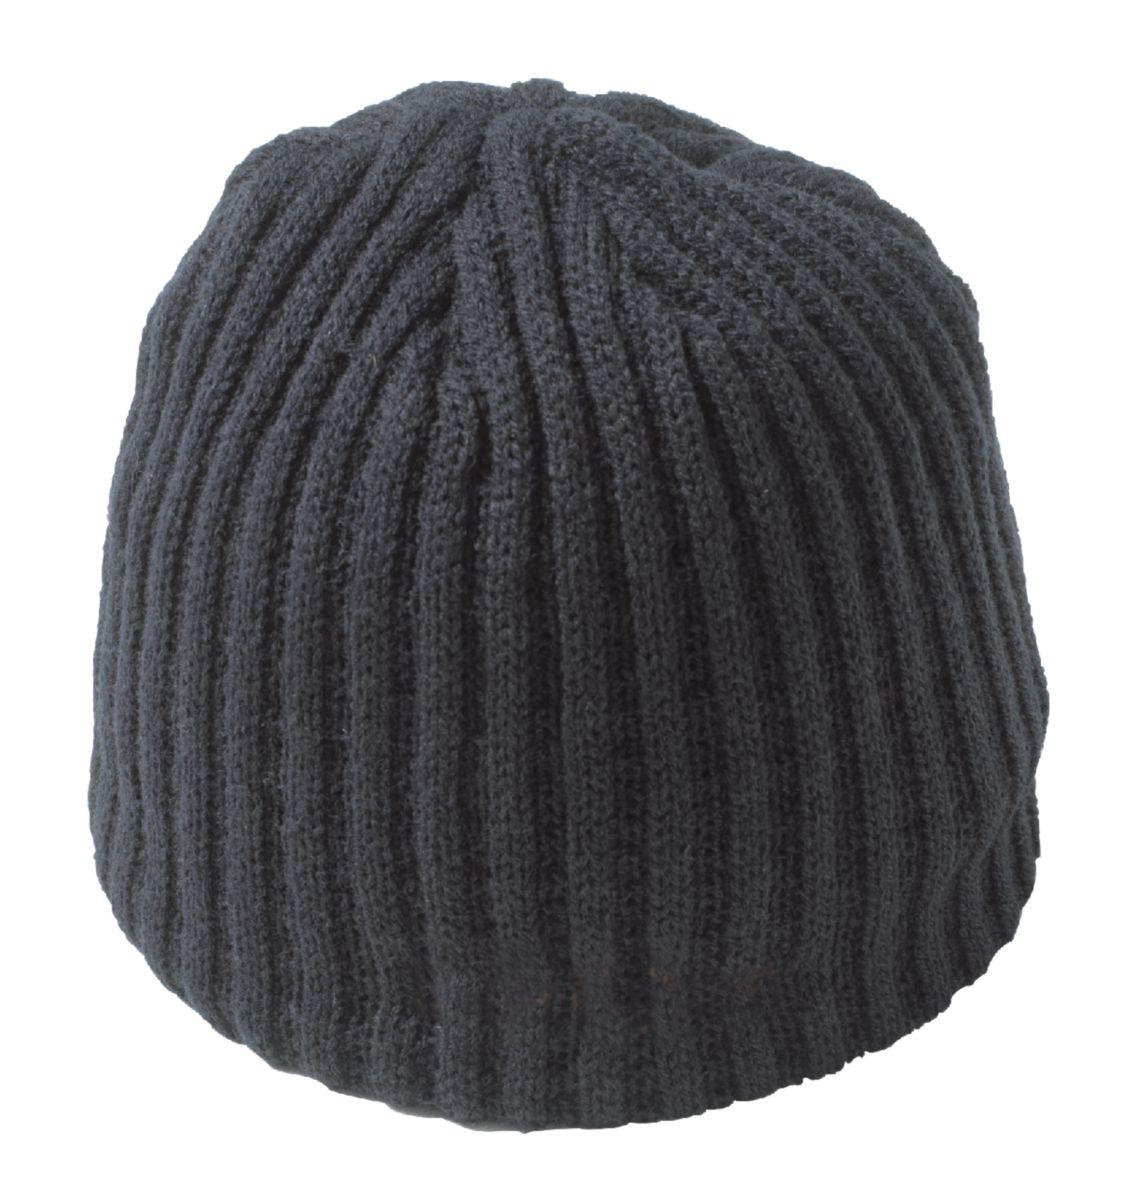 Bonnet acrylique avec broderie 68 gr/m² noir